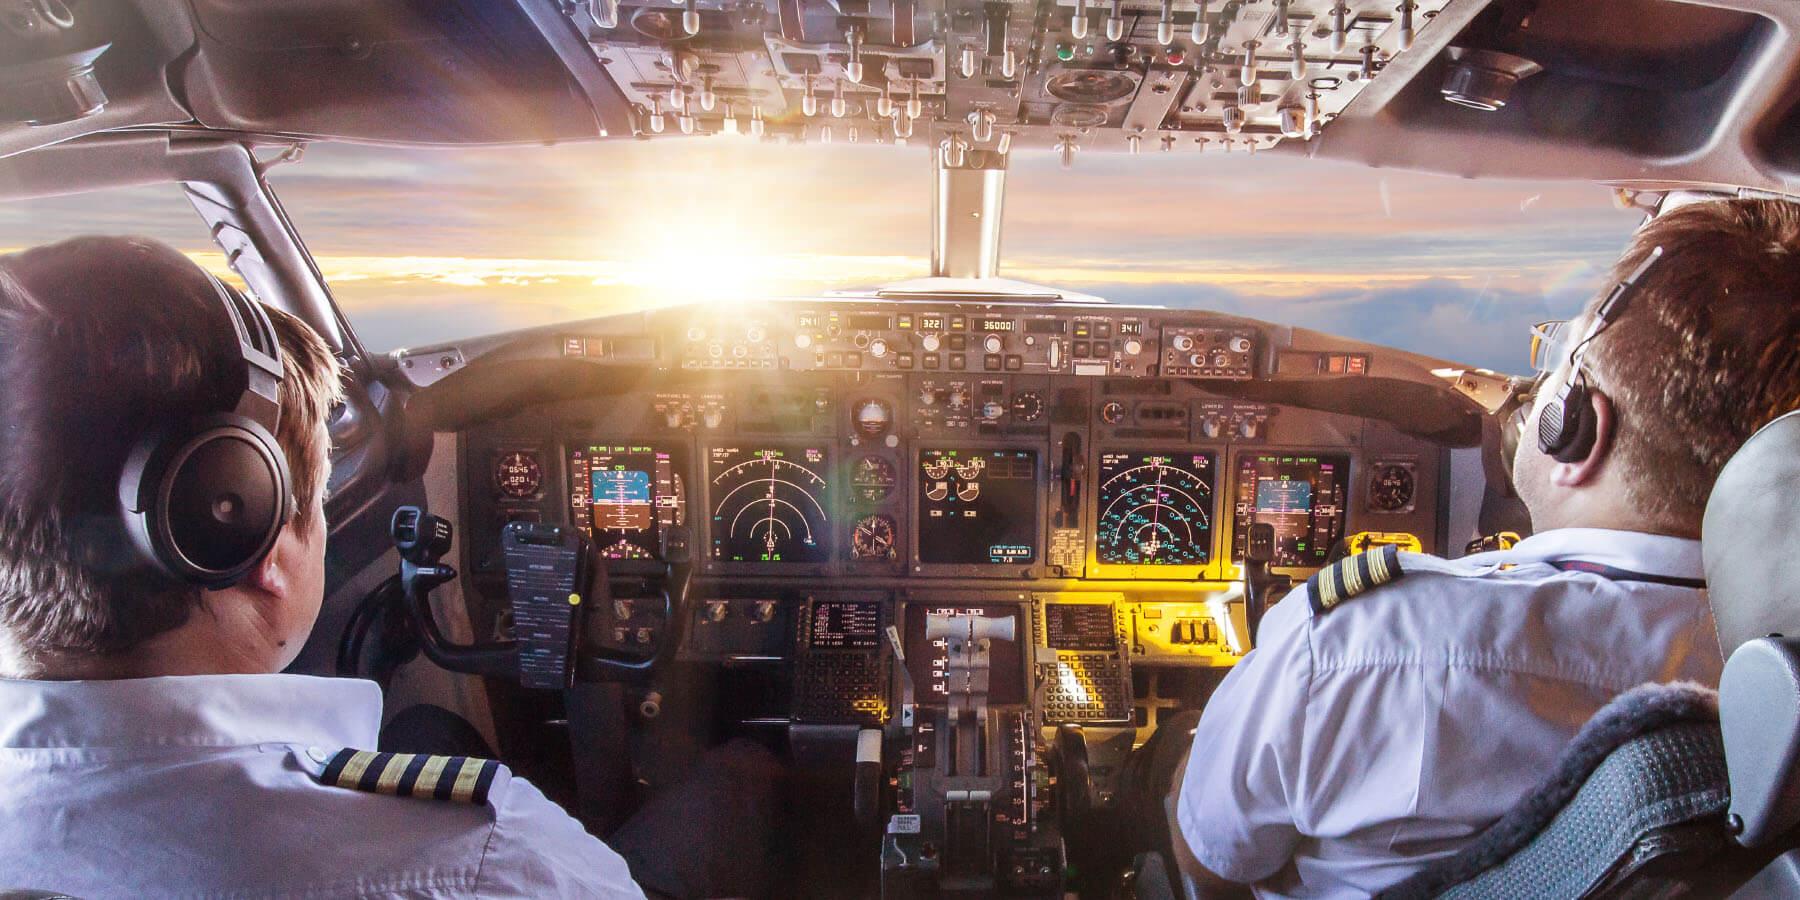 Líder de la industria agiliza el flujo de trabajo y ofrece sistemas de aviónica seguros y protegidos